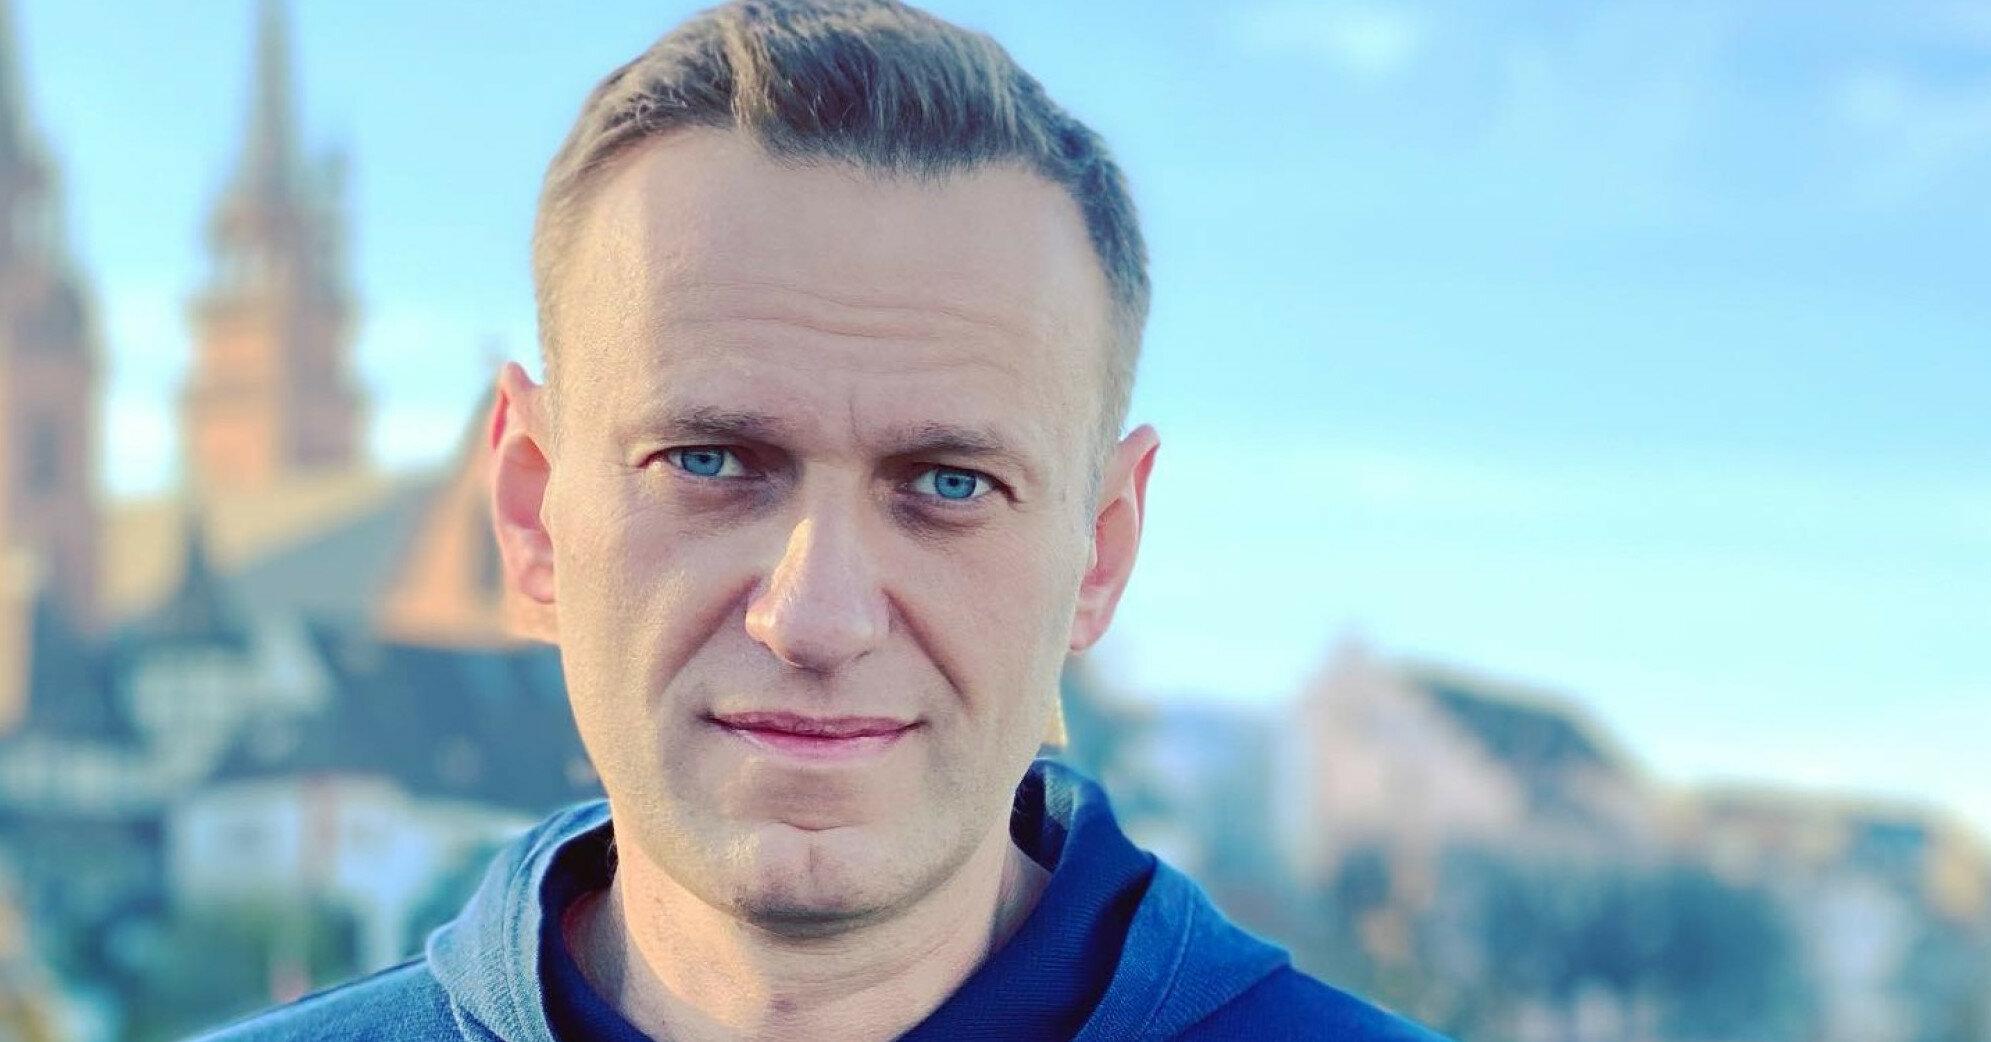 В РФ заявили, что Навальный дважды говорил о побеге из тюрьмы